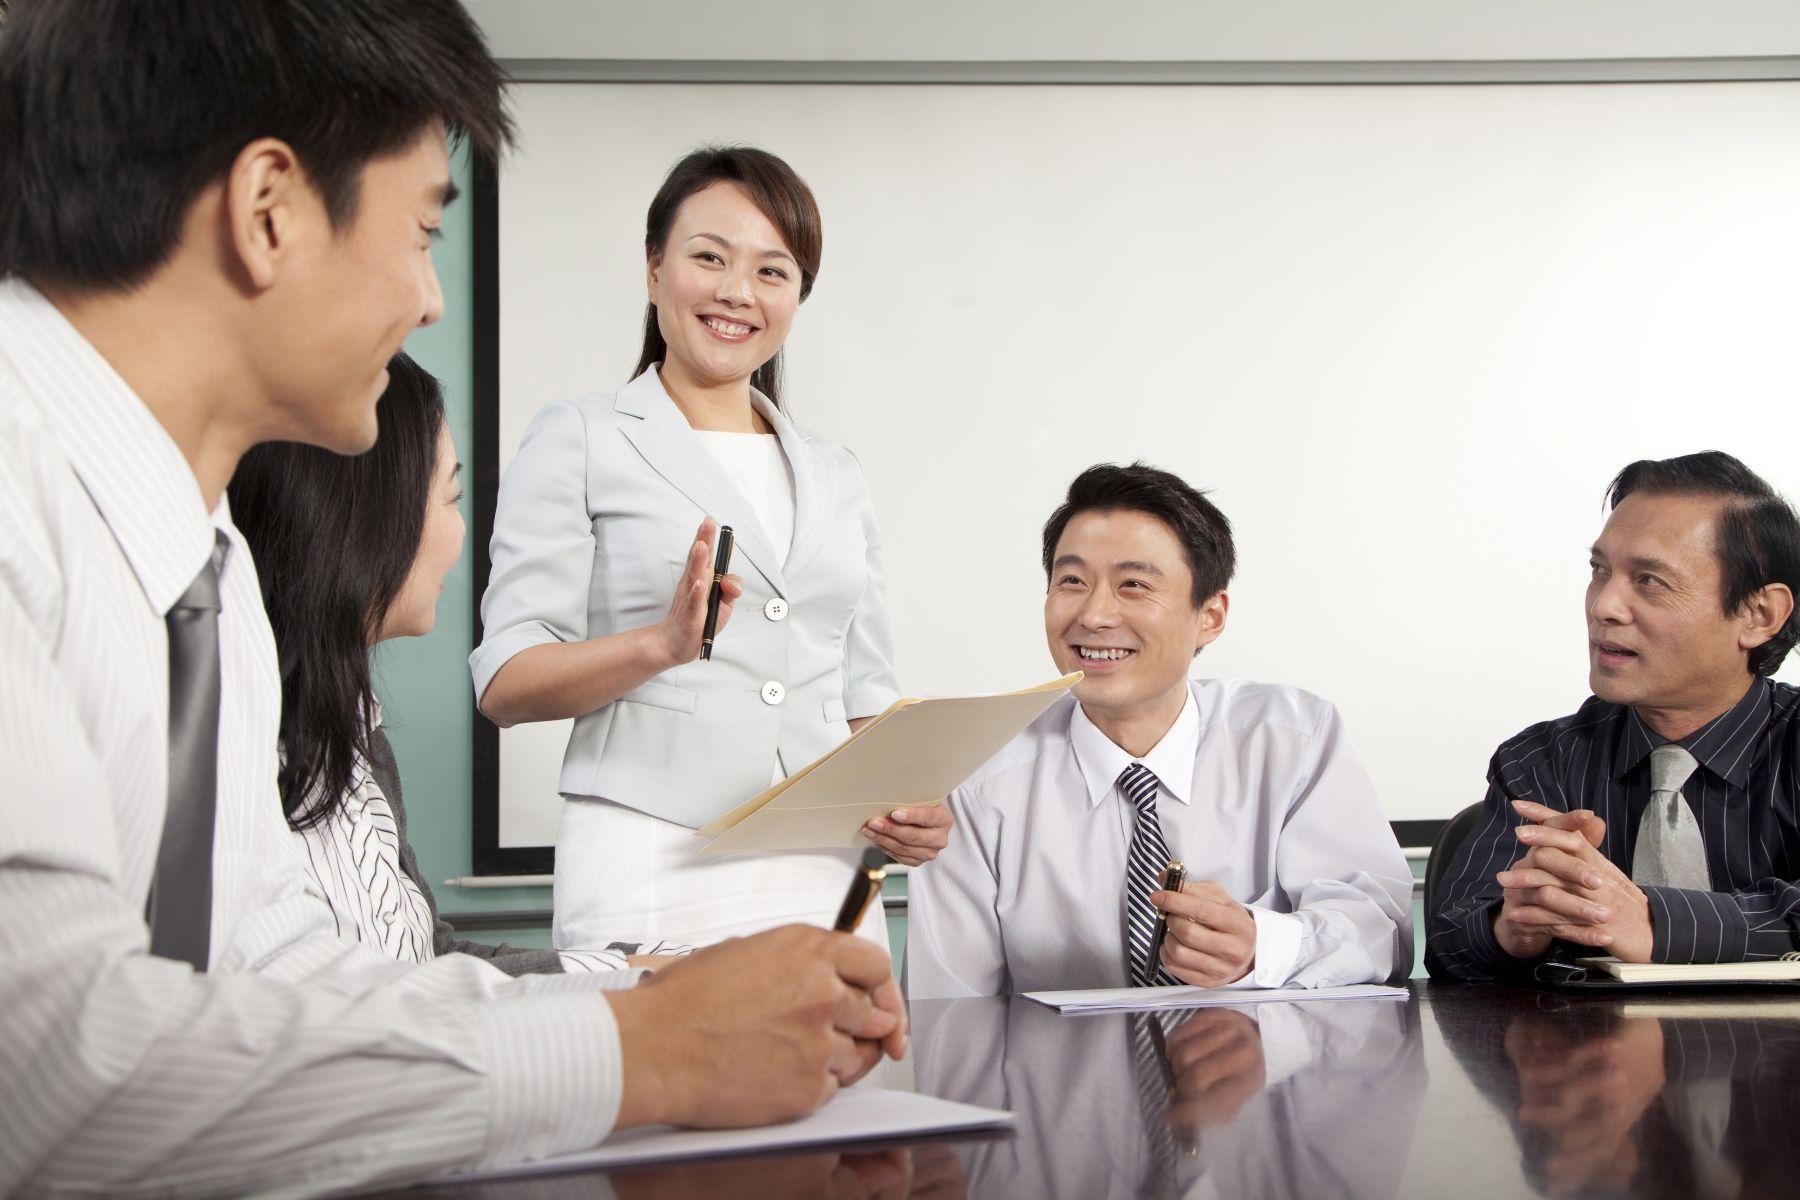 獨董爭議延燒  究竟董事會的功能是什麼?